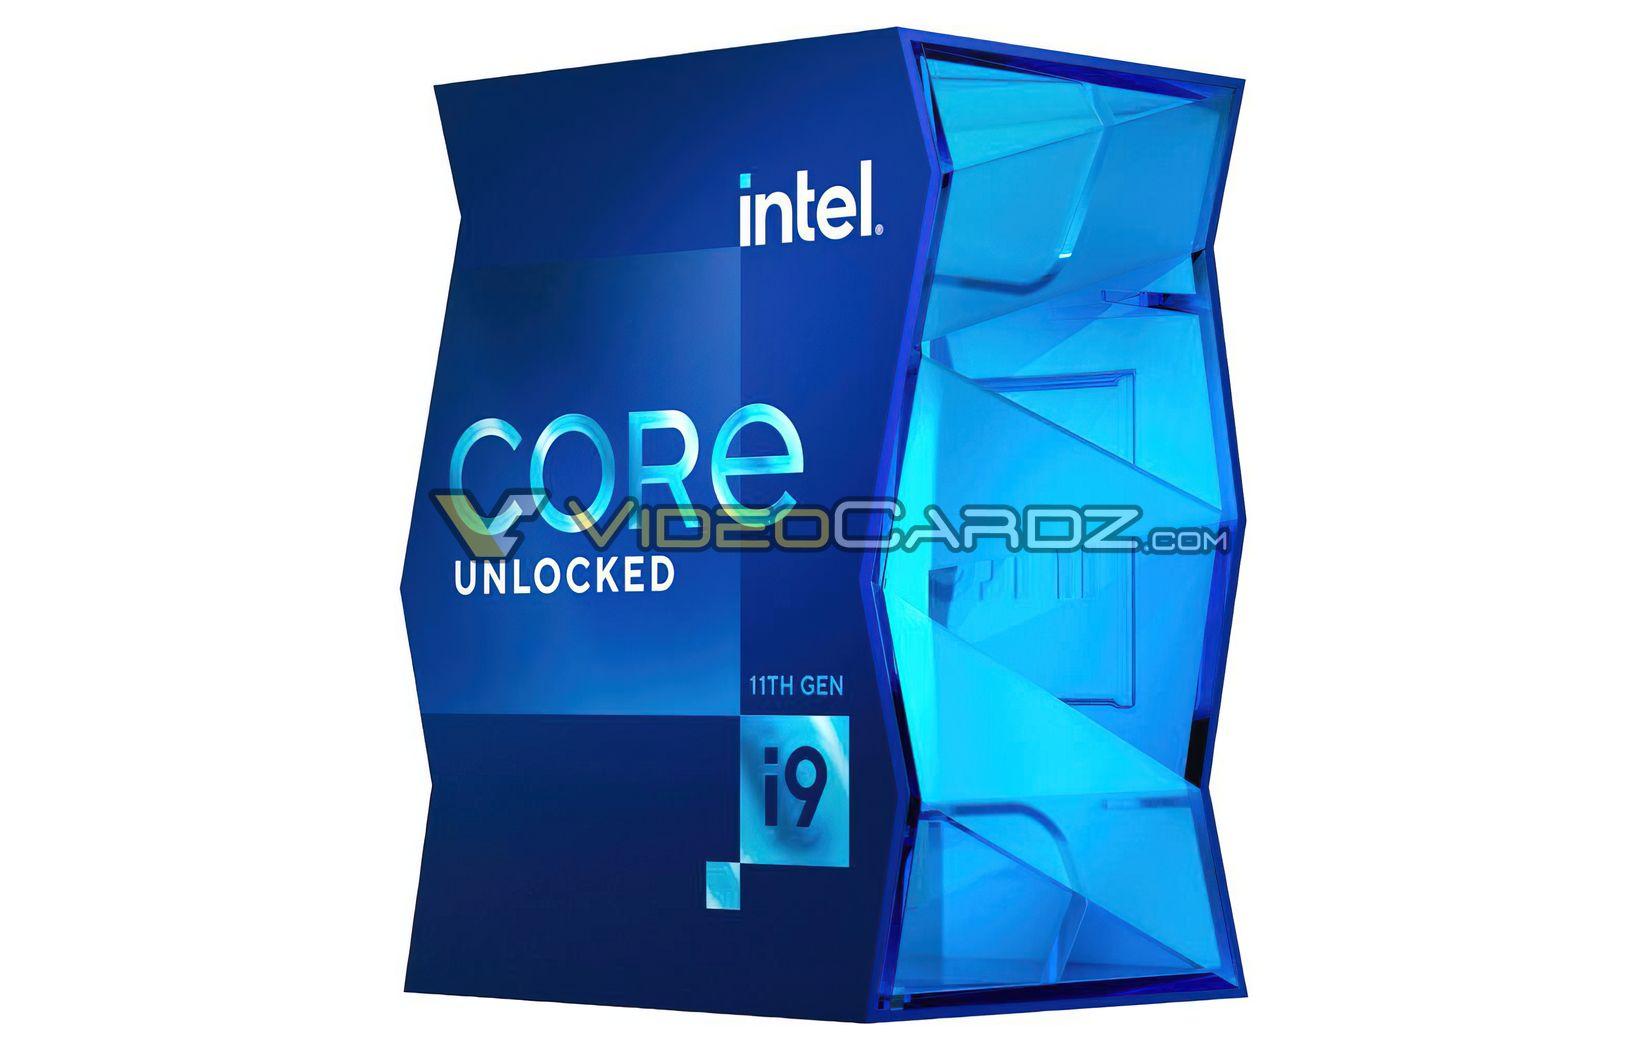 Intel Suorittimet